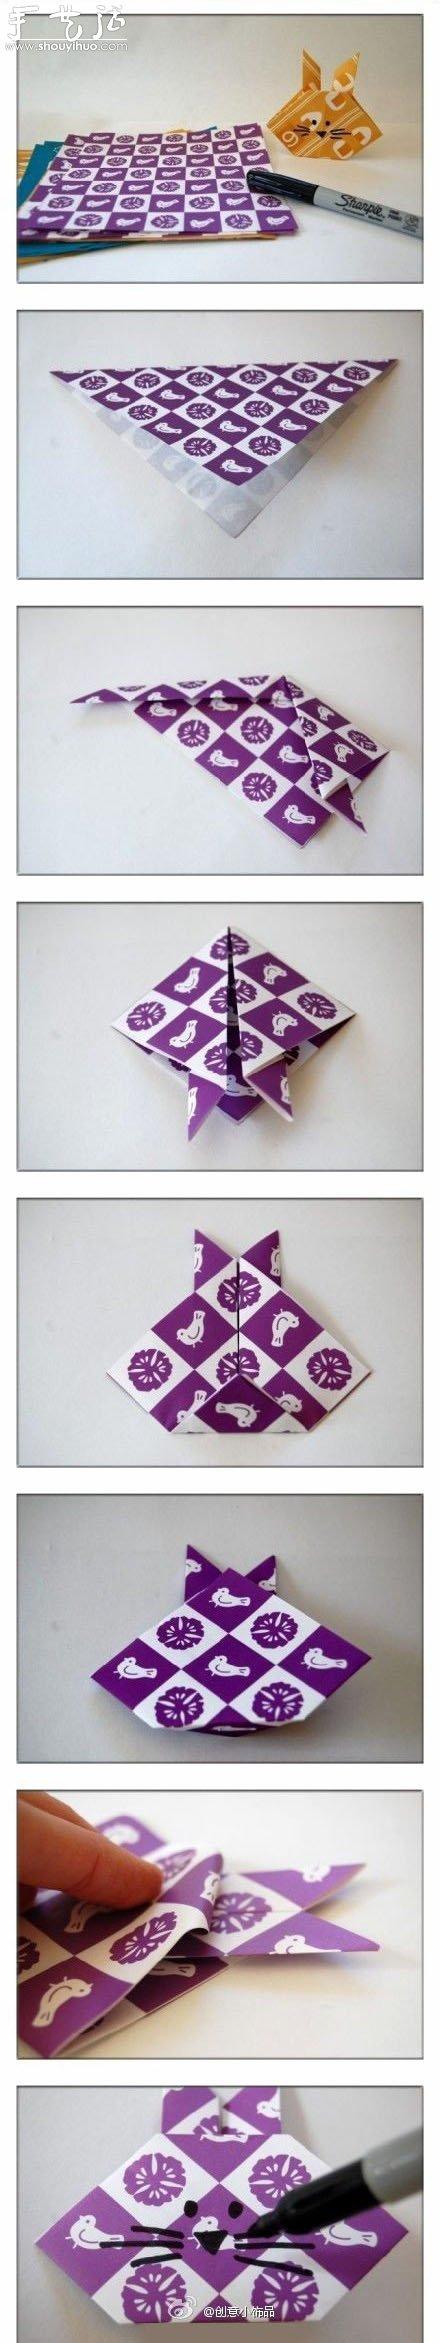 小兔子手工摺紙教學